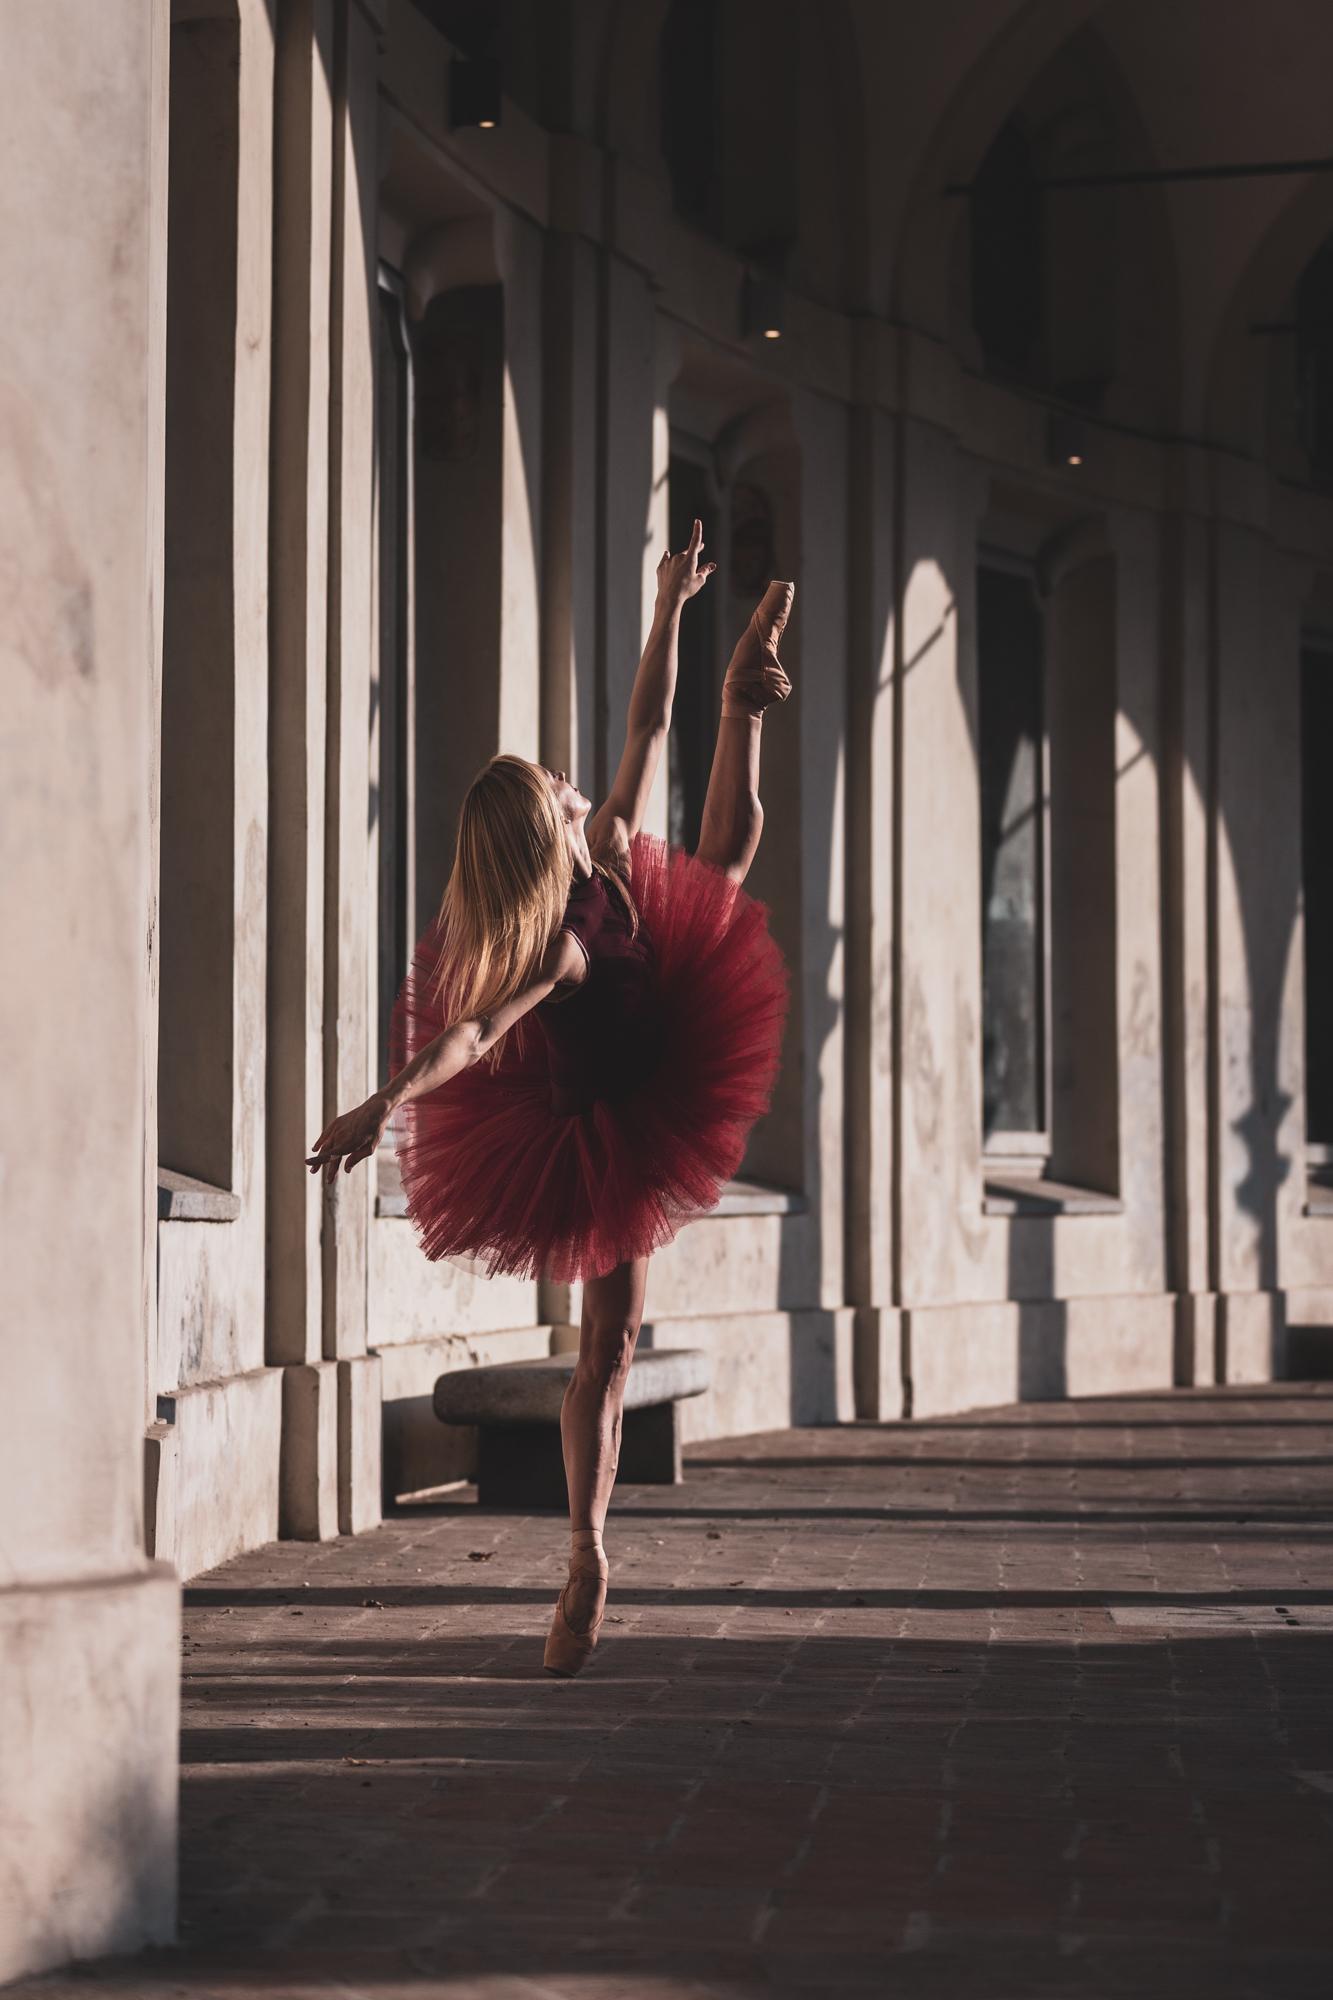 Virna_ballerina-1